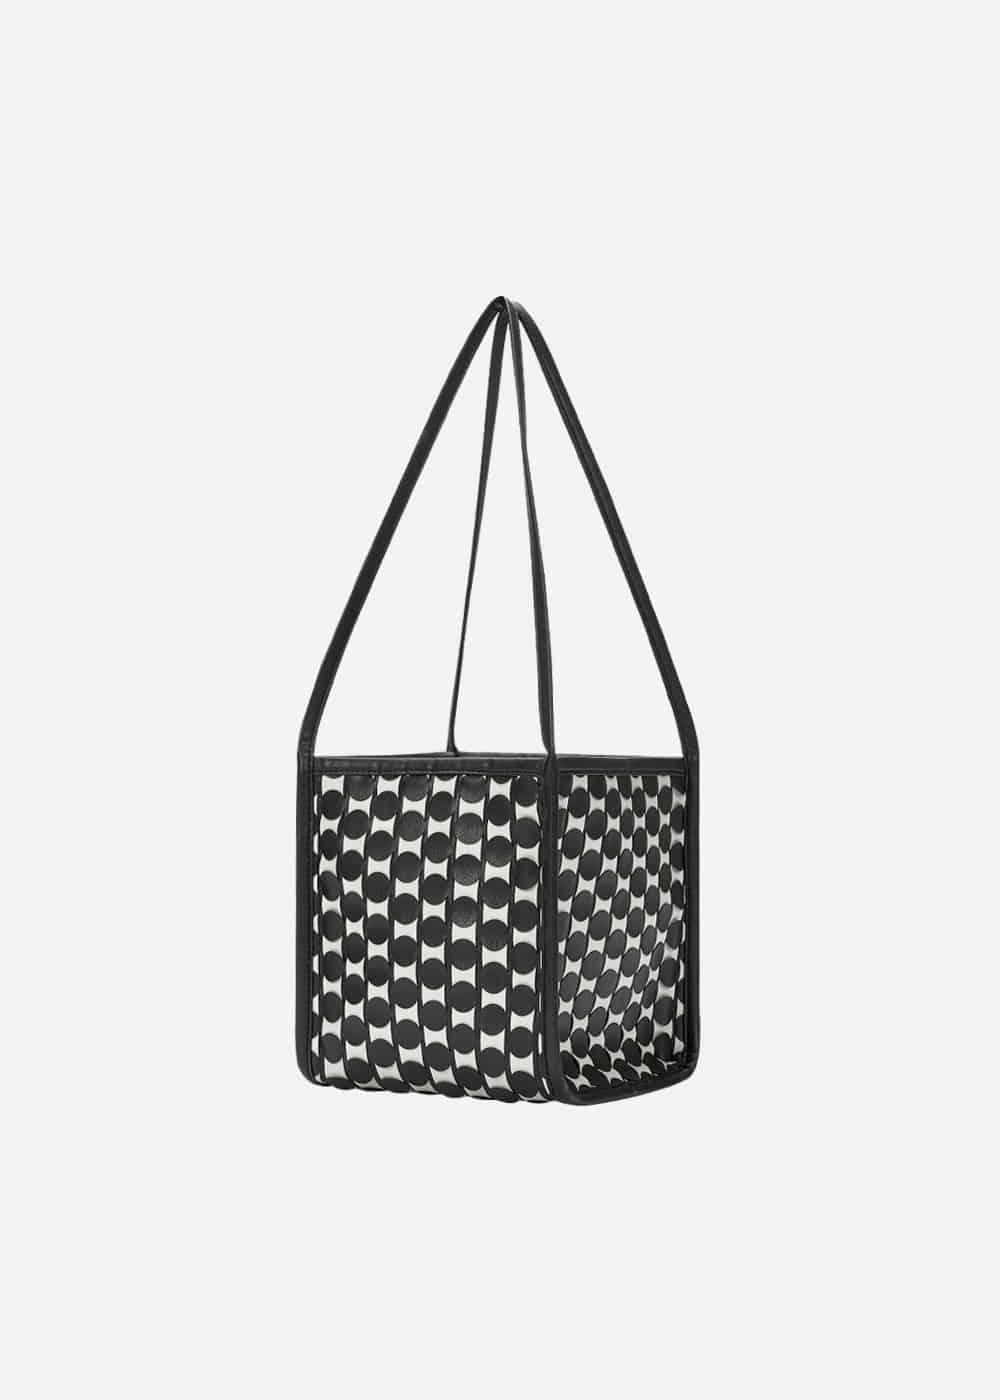 0917 Handmade Weaving Tote Medium WB